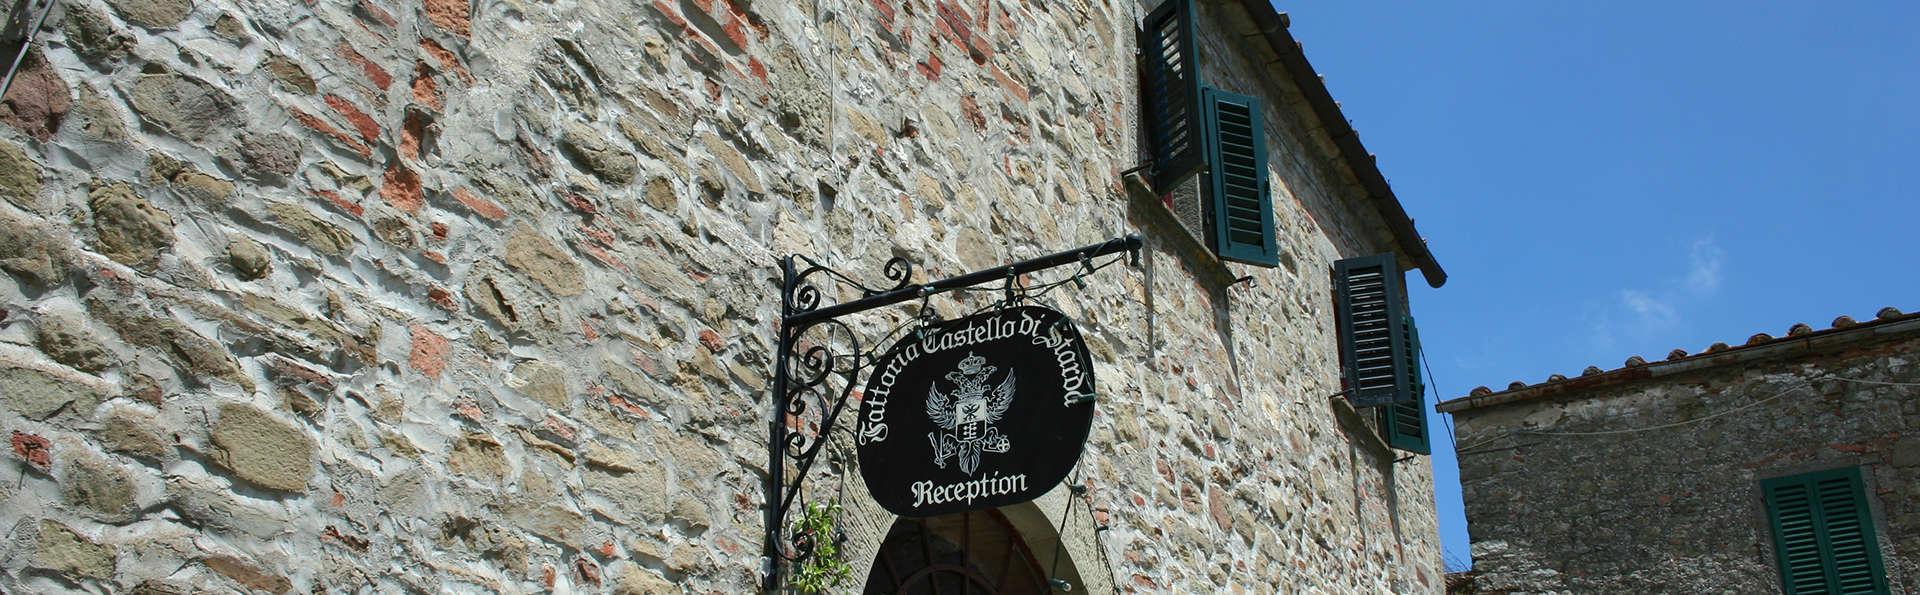 Fattoria Castello di Starda - EDIT_front1.jpg